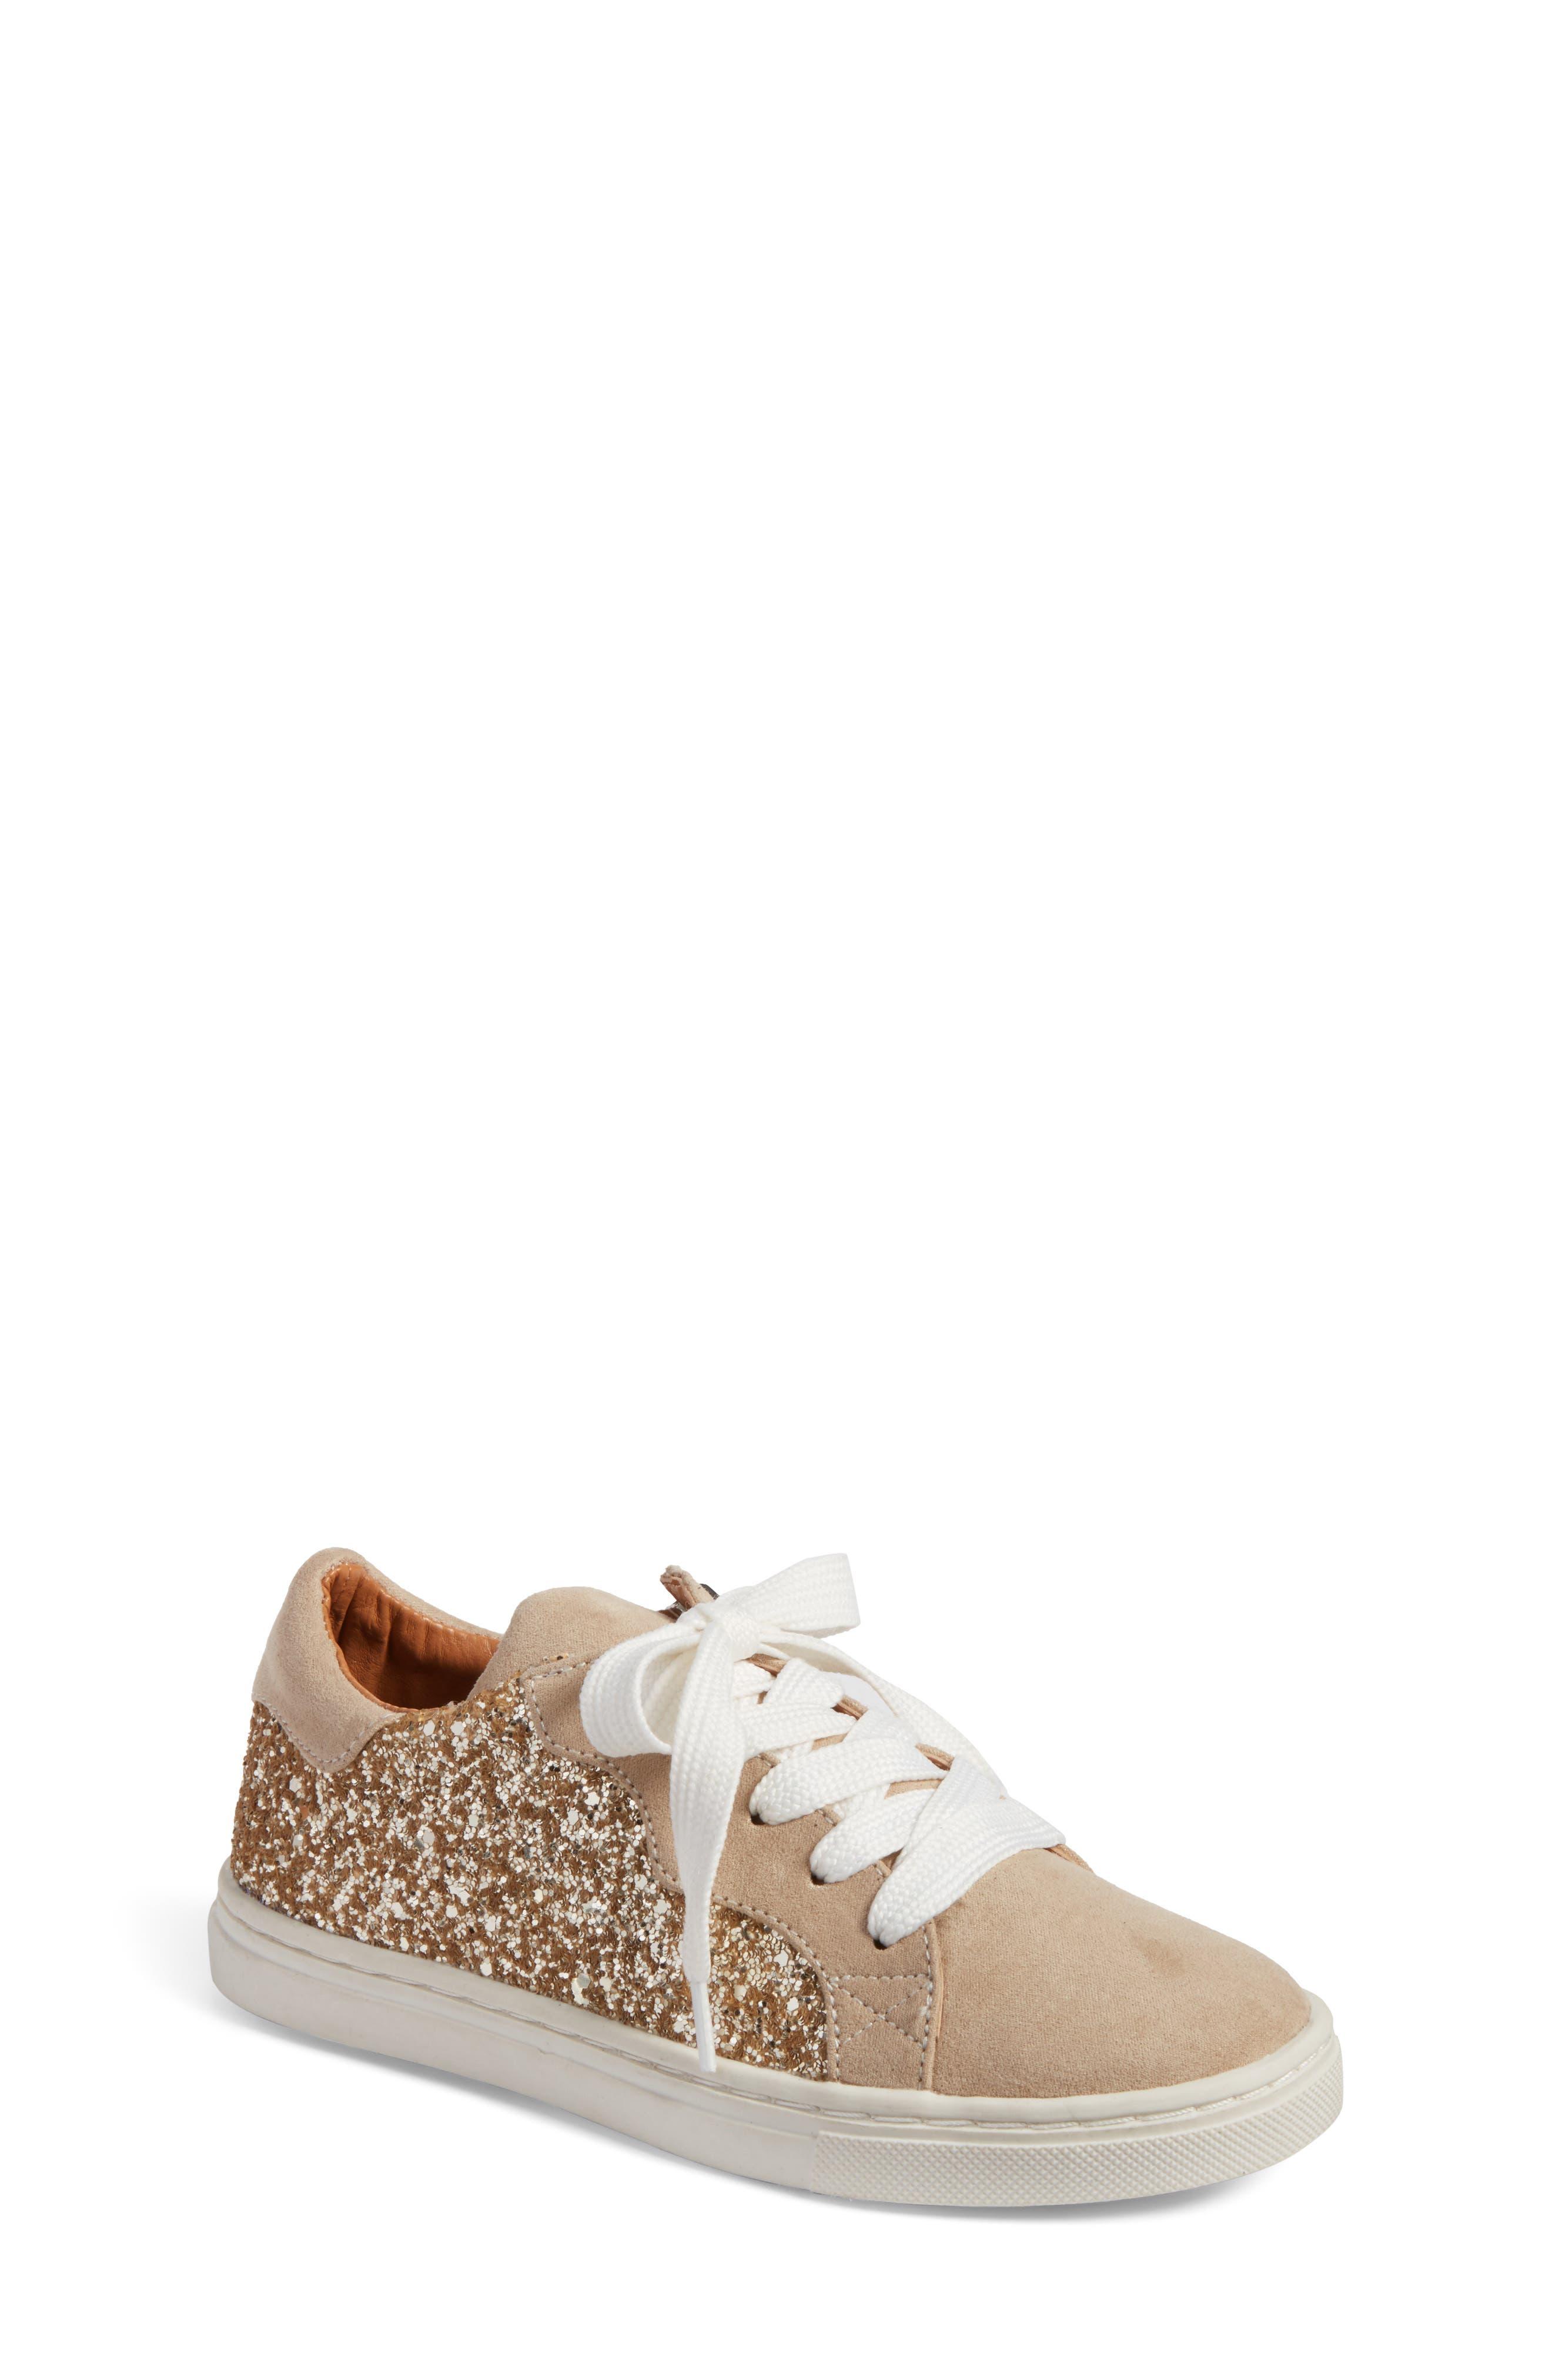 Zaida Low Top Sneaker,                             Main thumbnail 2, color,